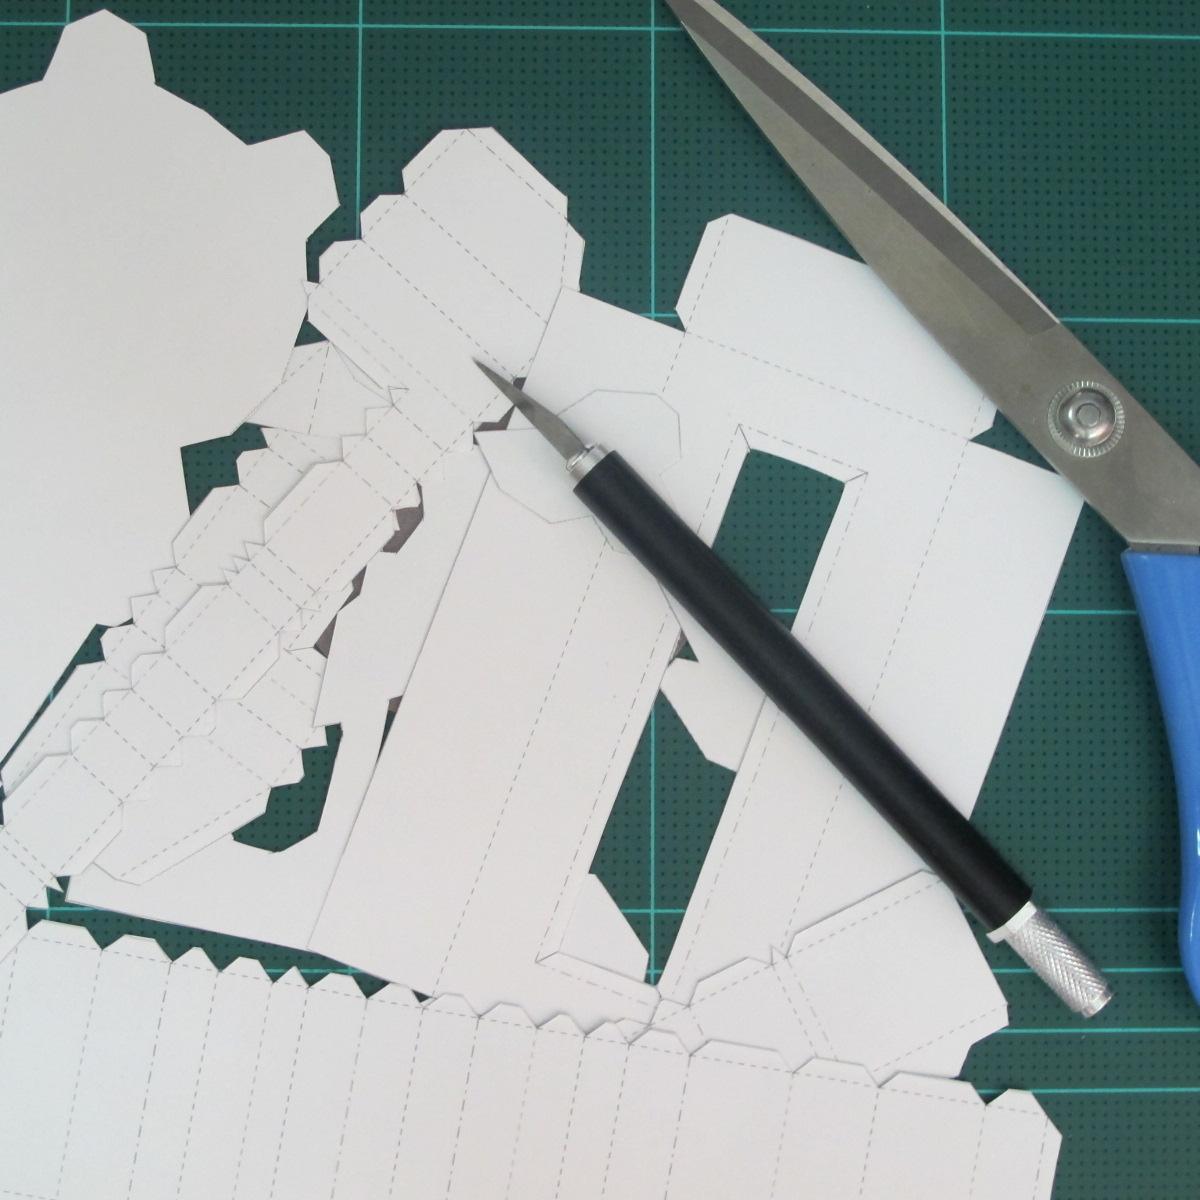 วิธีทำโมเดลกระดาษ ตุ้กตาไลน์ หมีบราวน์ ถือพลั่ว (Line Brown Bear With Shovel Papercraft Model -「シャベル」と「ブラウン」) 002